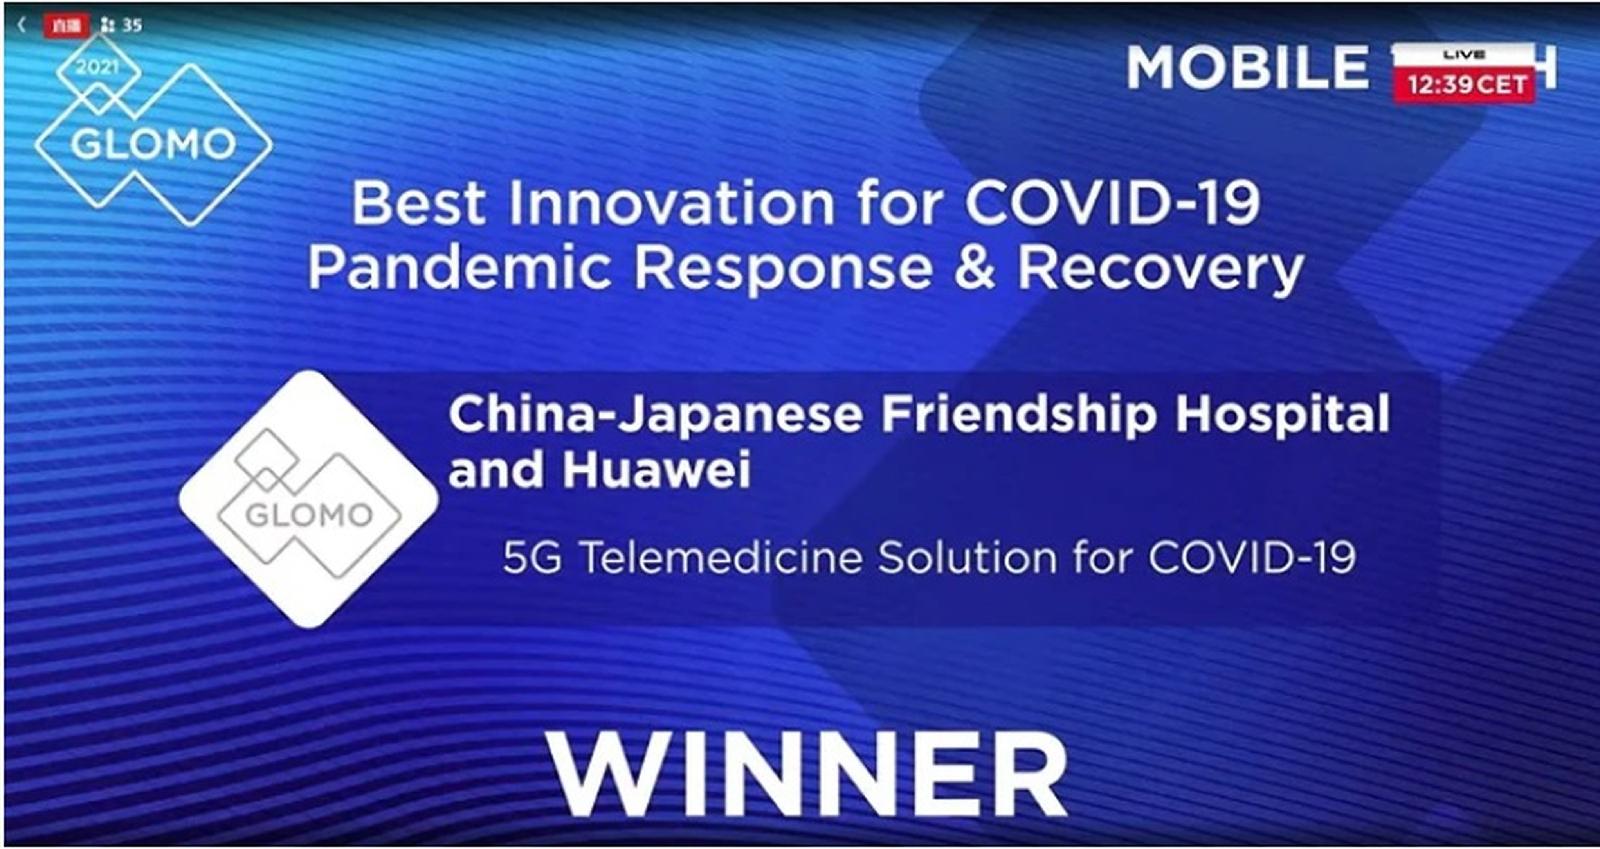 ระบบสาธารณสุขอัจฉริยะที่ใช้เทคโนโลยี 5G ของ HUAWEI คว้ารางวัลสุดยอดด้านนวัตกรรม GLOMO จาก GSMA ในปี 2021